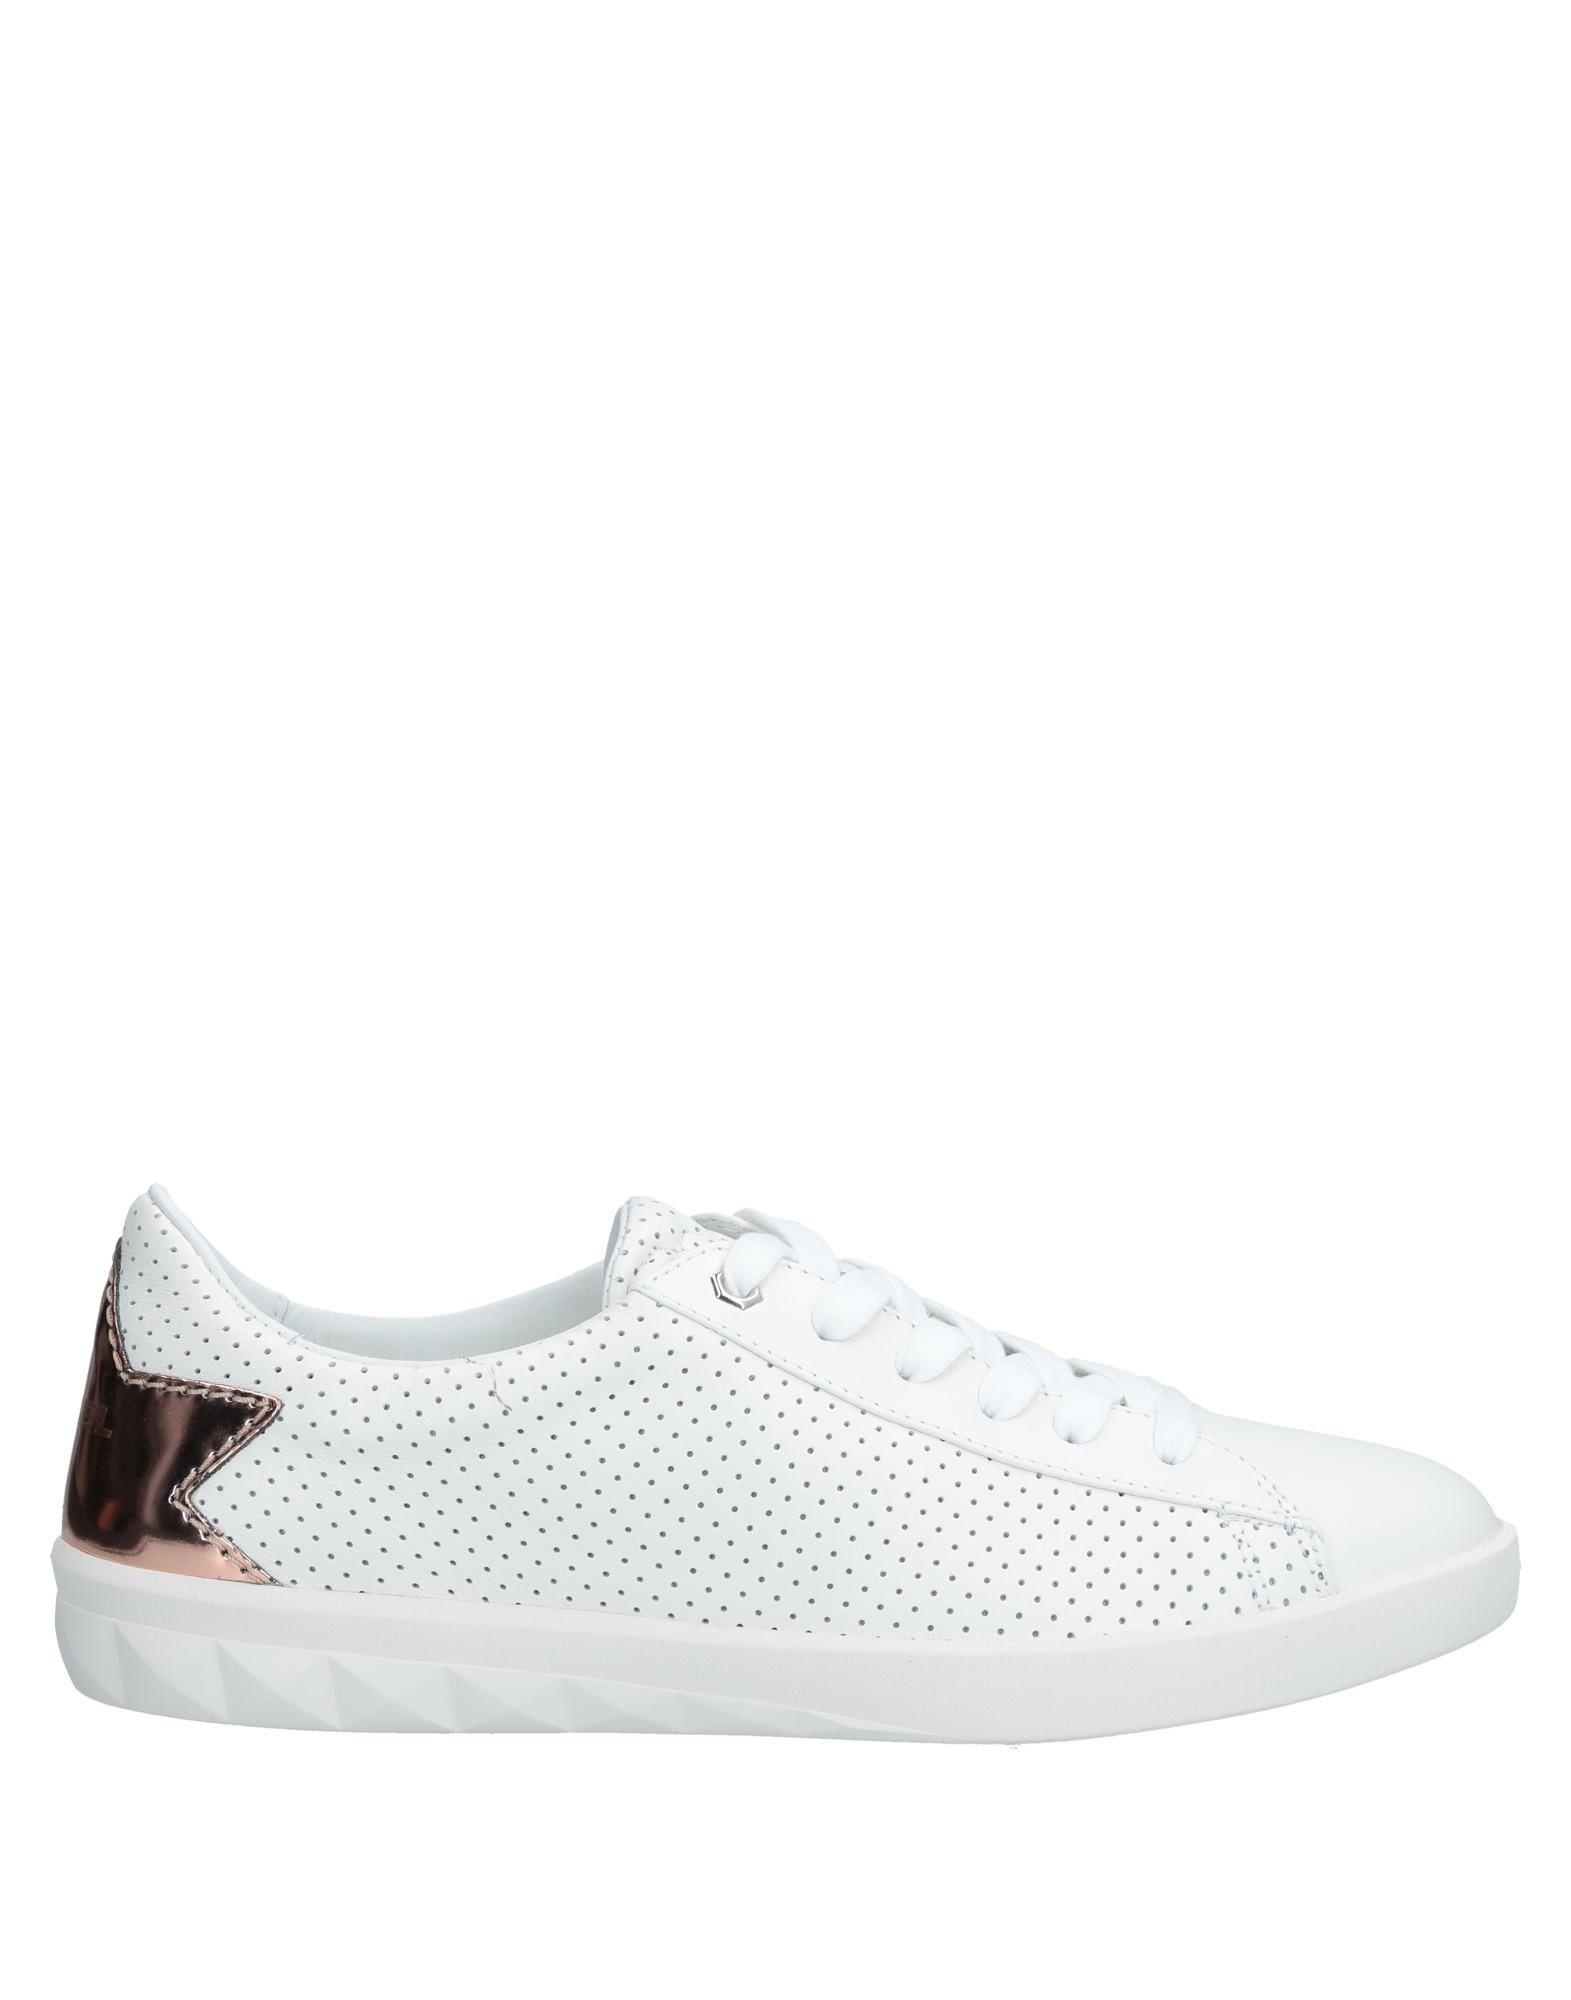 Diesel Sneakers Damen  11413776IP Gute Qualität beliebte Schuhe